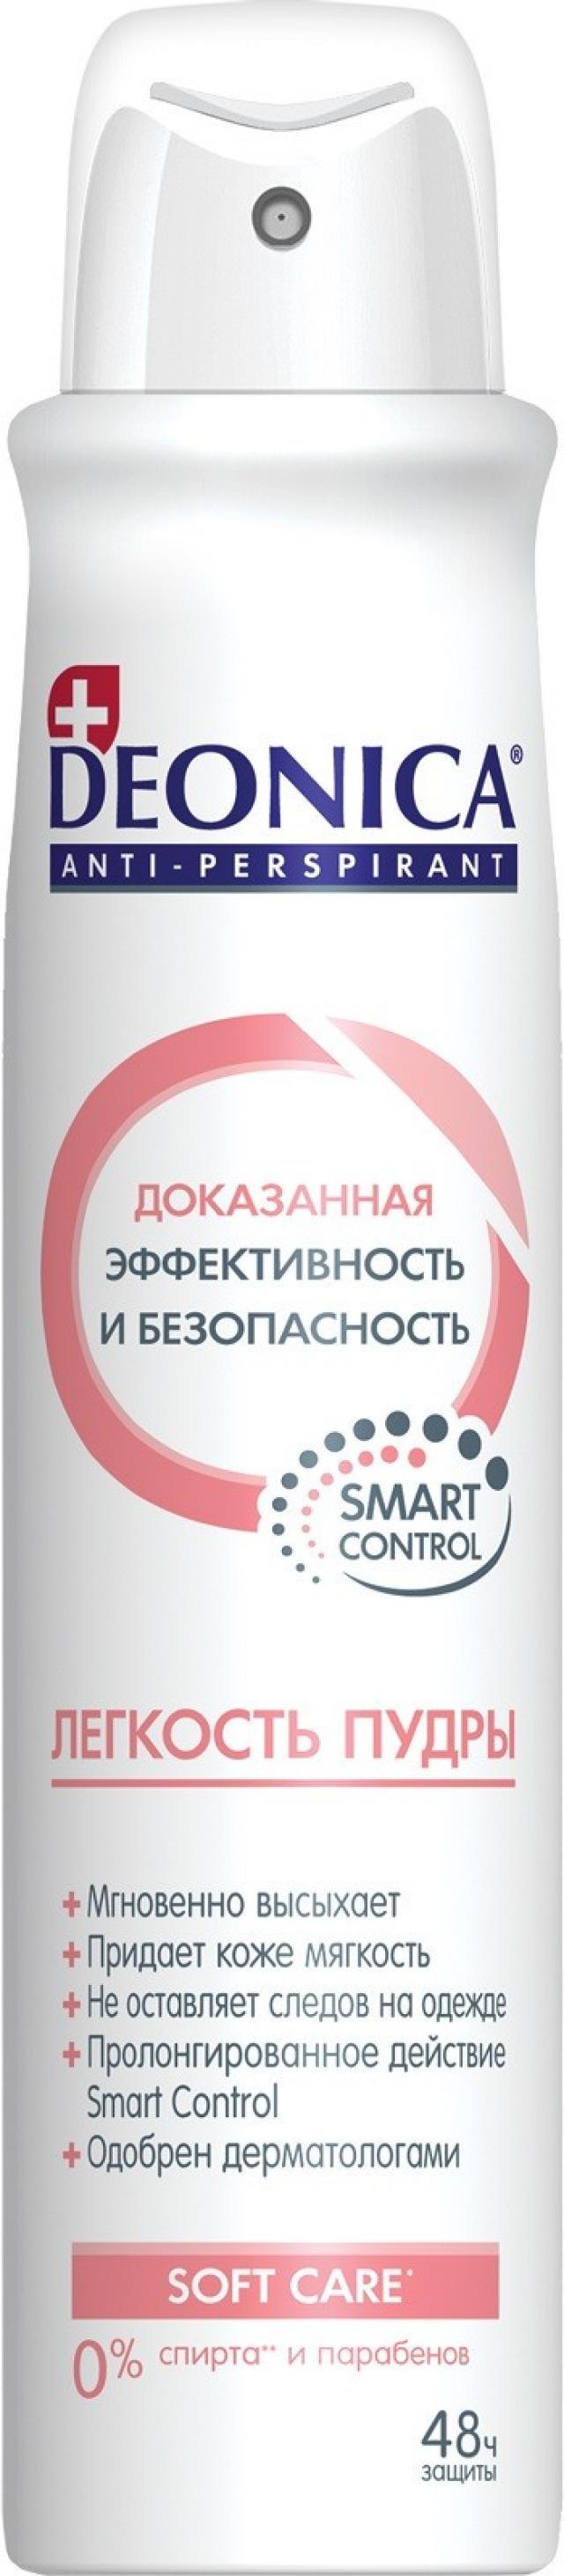 Деоника дезодорант-спрей Легкость Пудры 200мл купить в Москве по цене от 0 рублей